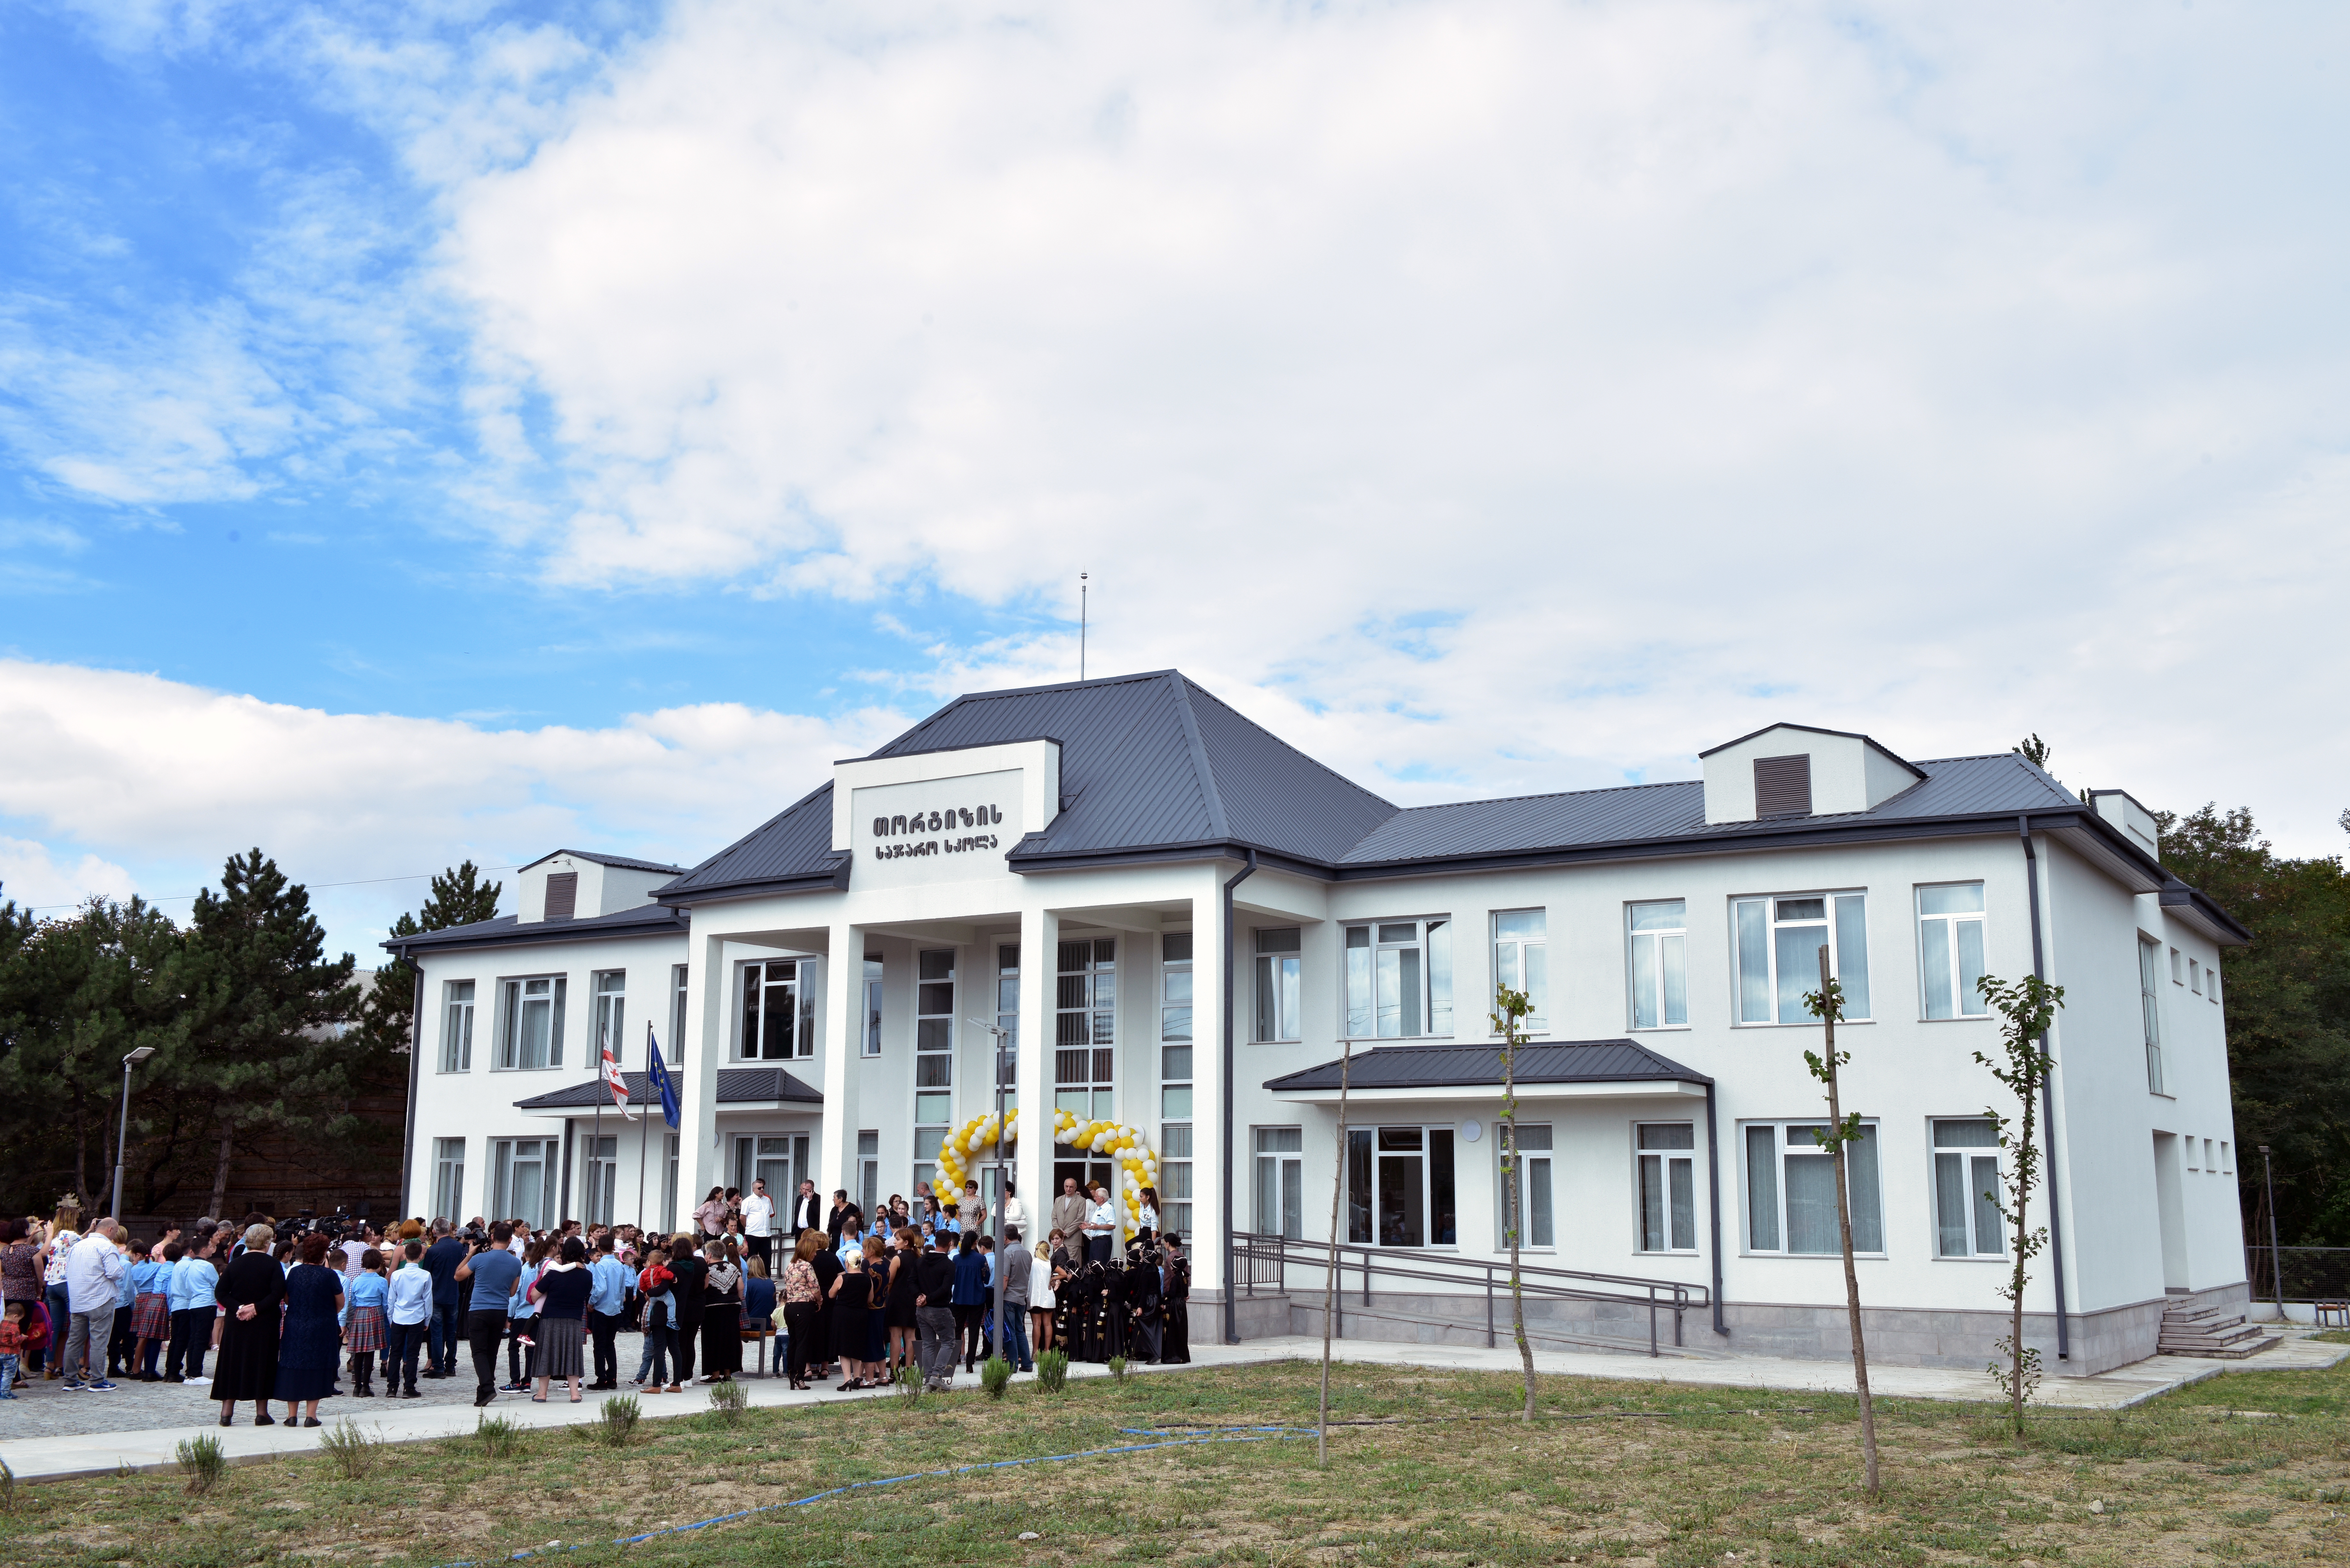 გორის მუნიციპალიტეტის სოფელ თორტიზაში ახალი სკოლა გაიხსნა